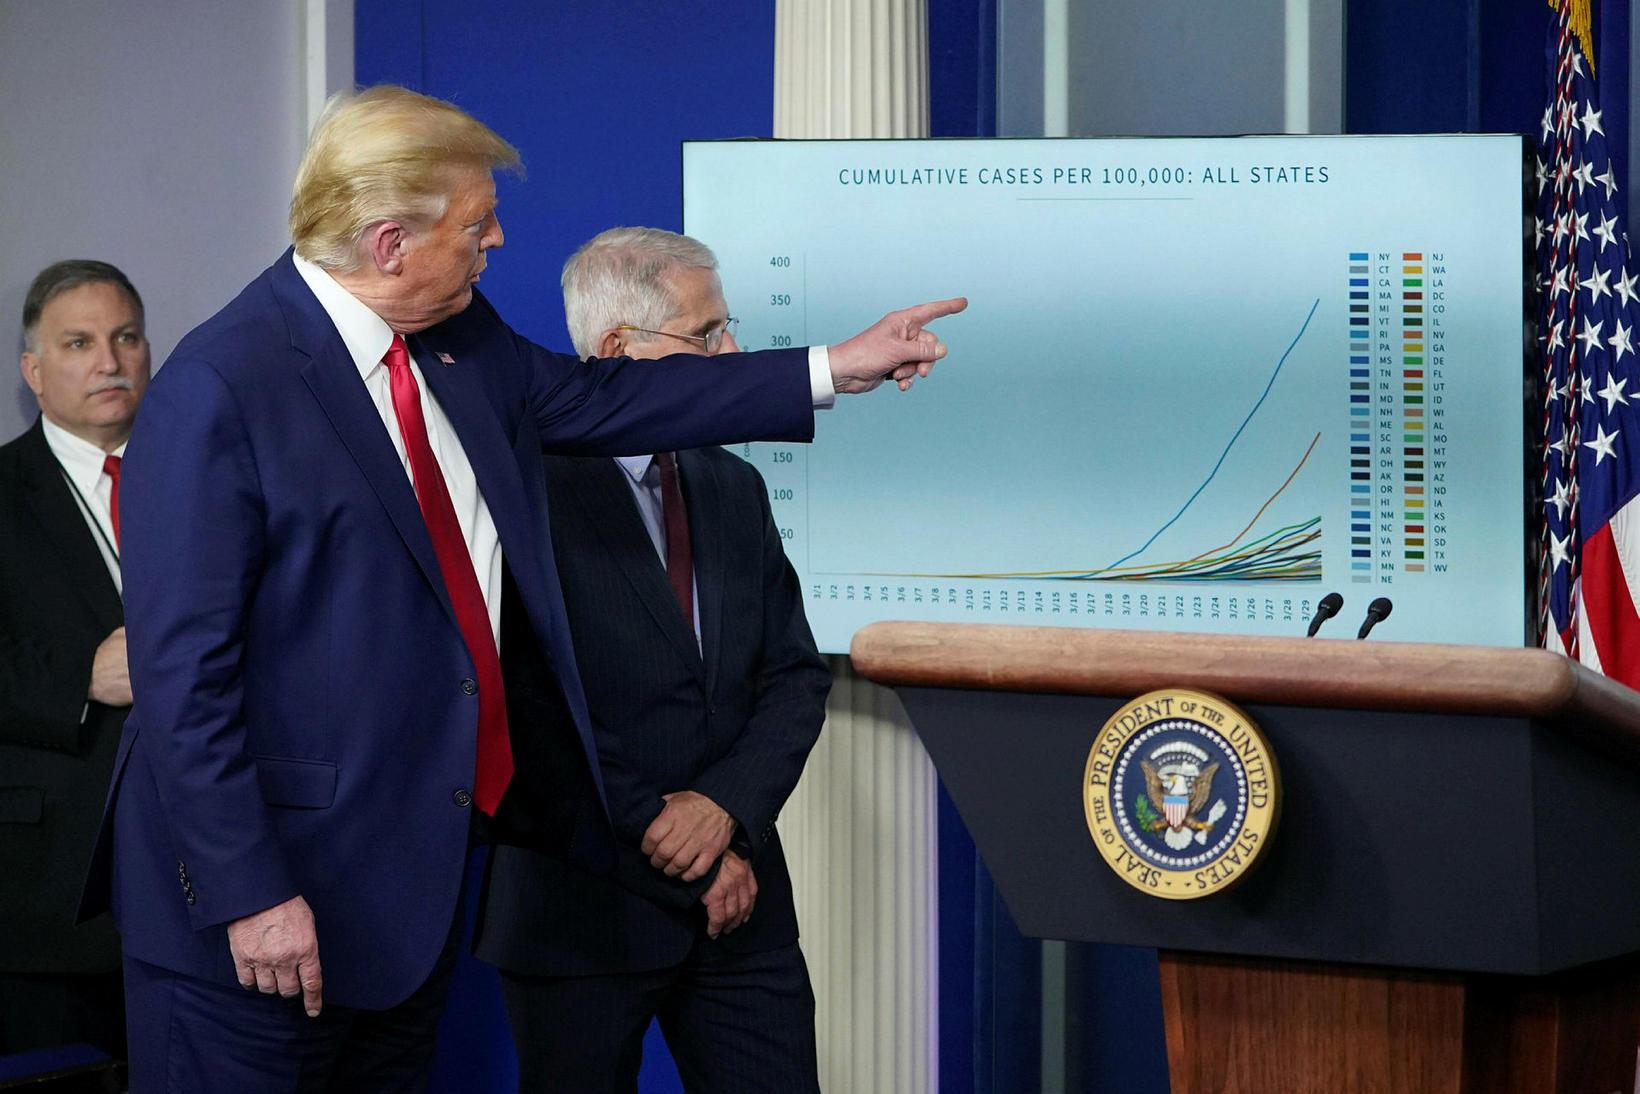 Trump bendir á grafík sem var kynnt á fundinum.